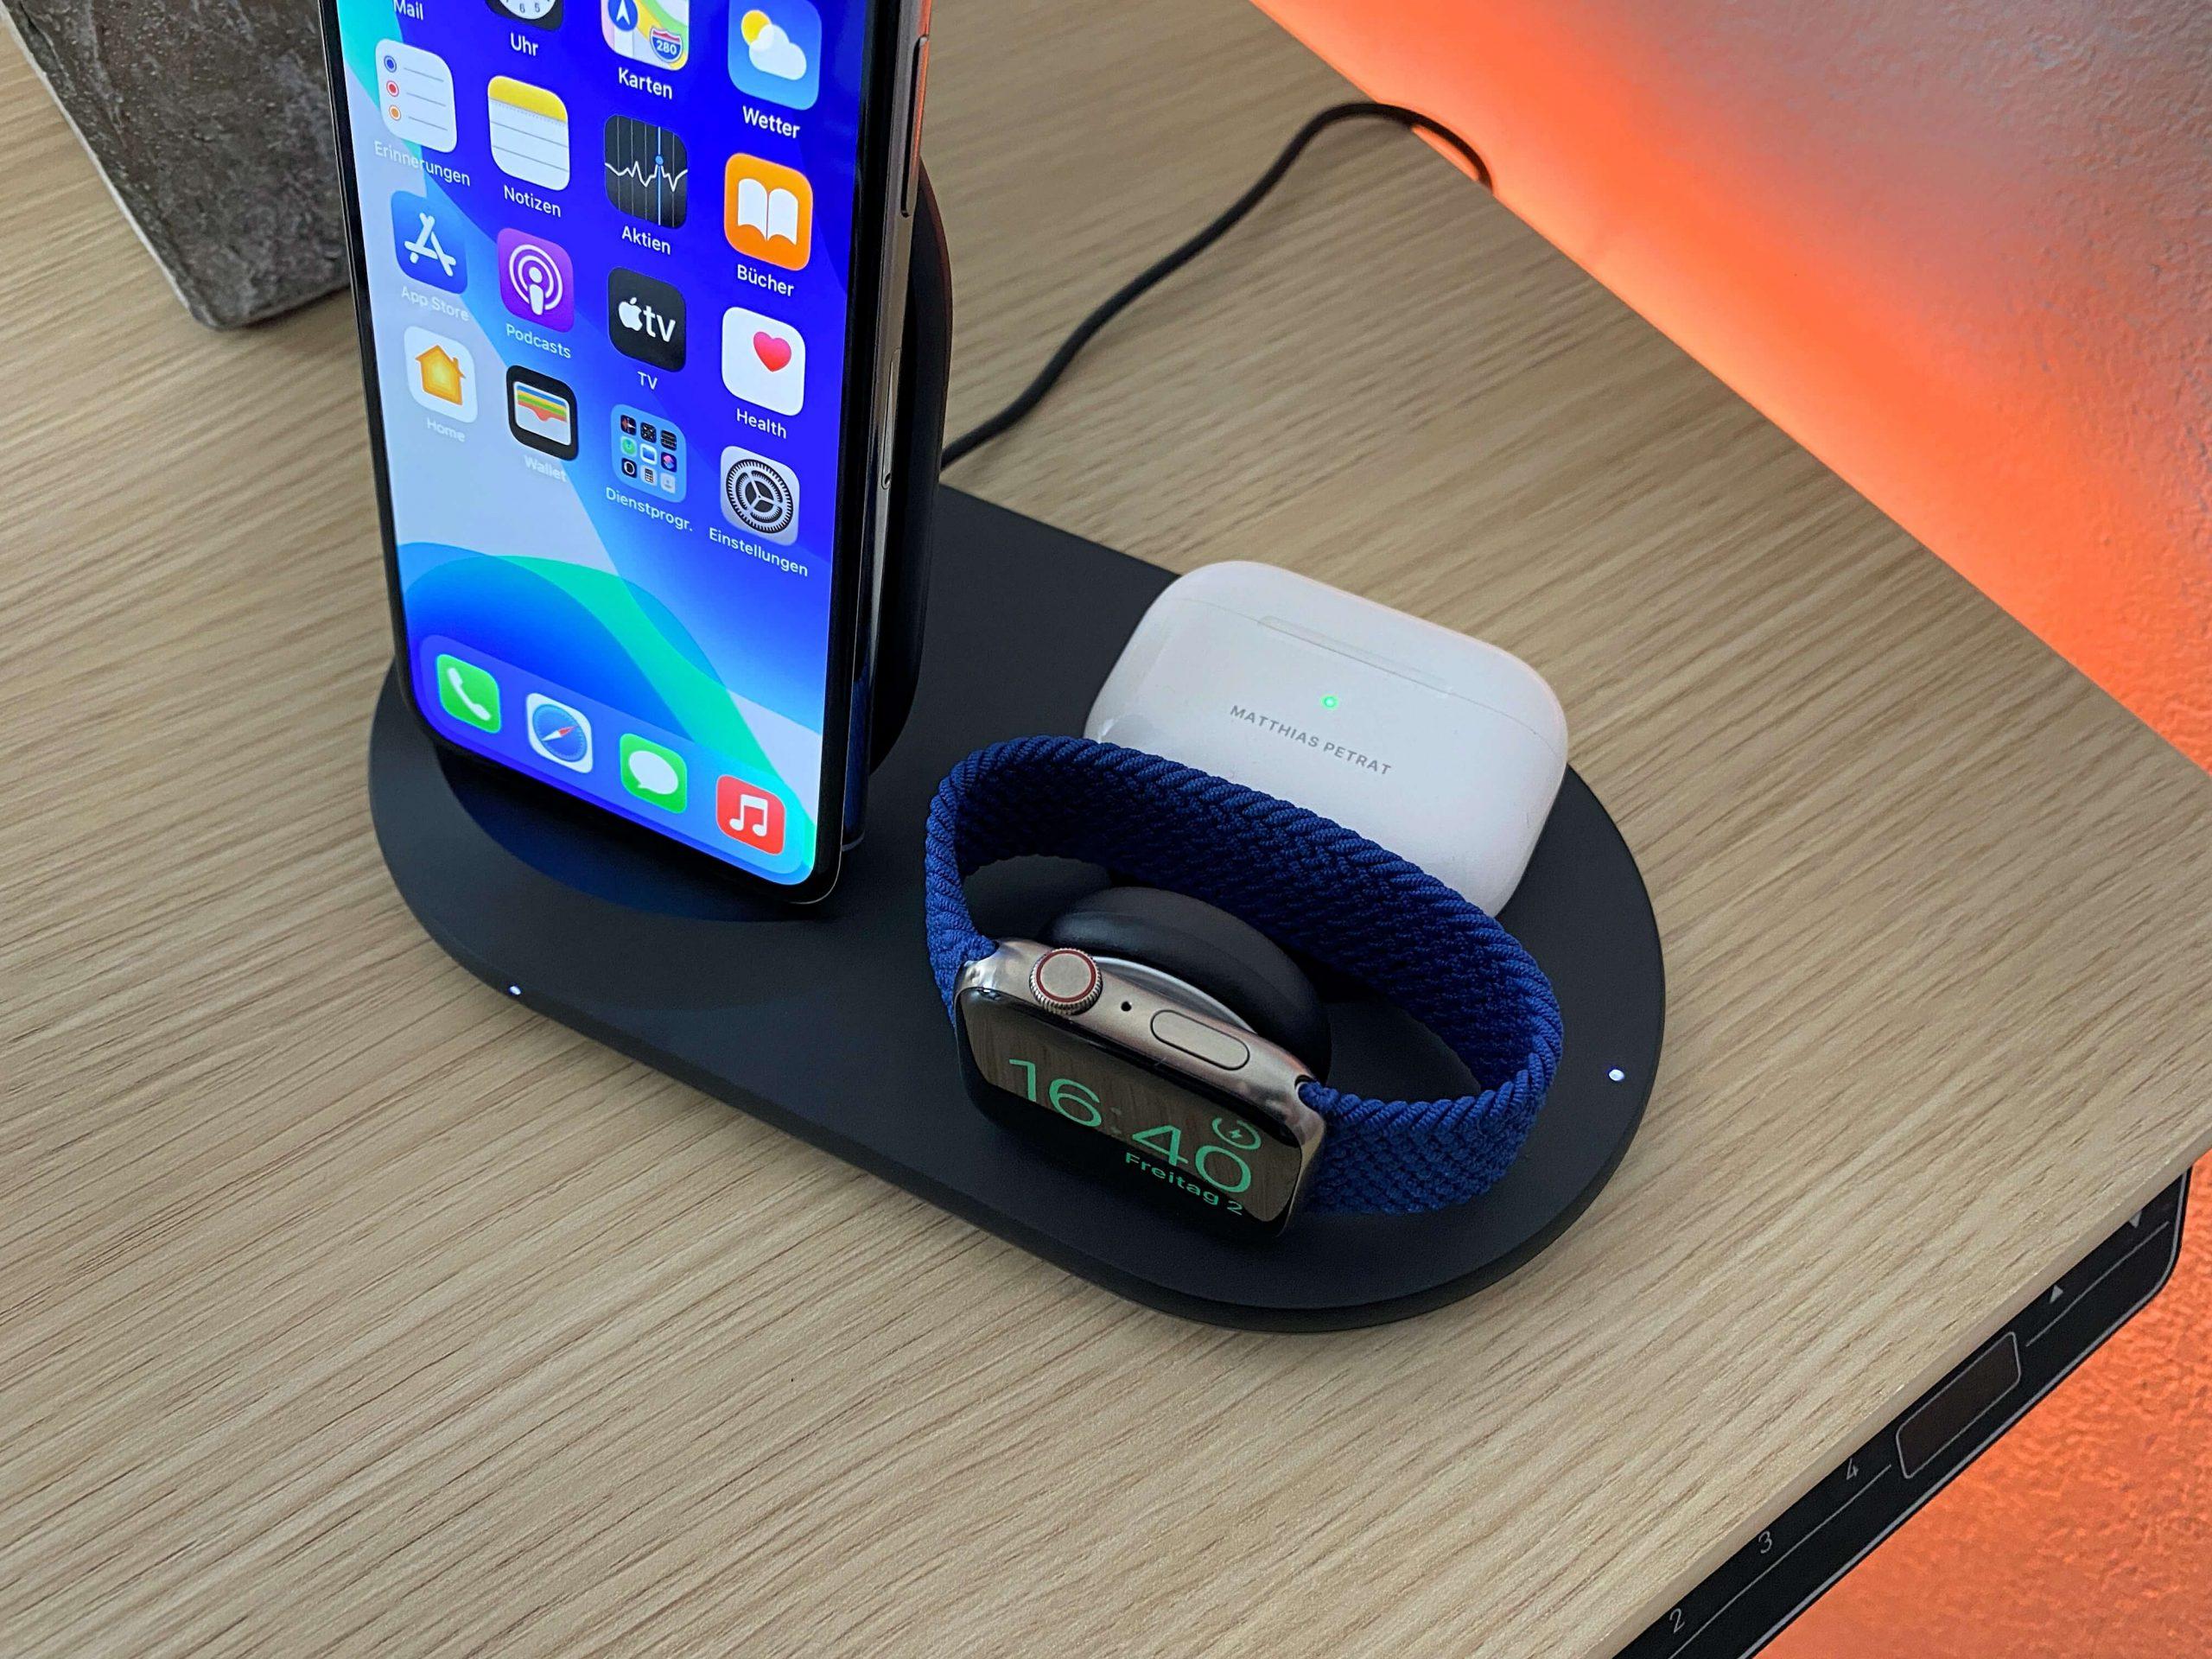 3-in-1-Wireless-Charger-von-Belkin-iPhone-Apple-Watch-und-AirPods-zeitgleich-laden4-scaled 3-in-1 Wireless Charger von Belkin - iPhone, Apple Watch und AirPods zeitgleich laden